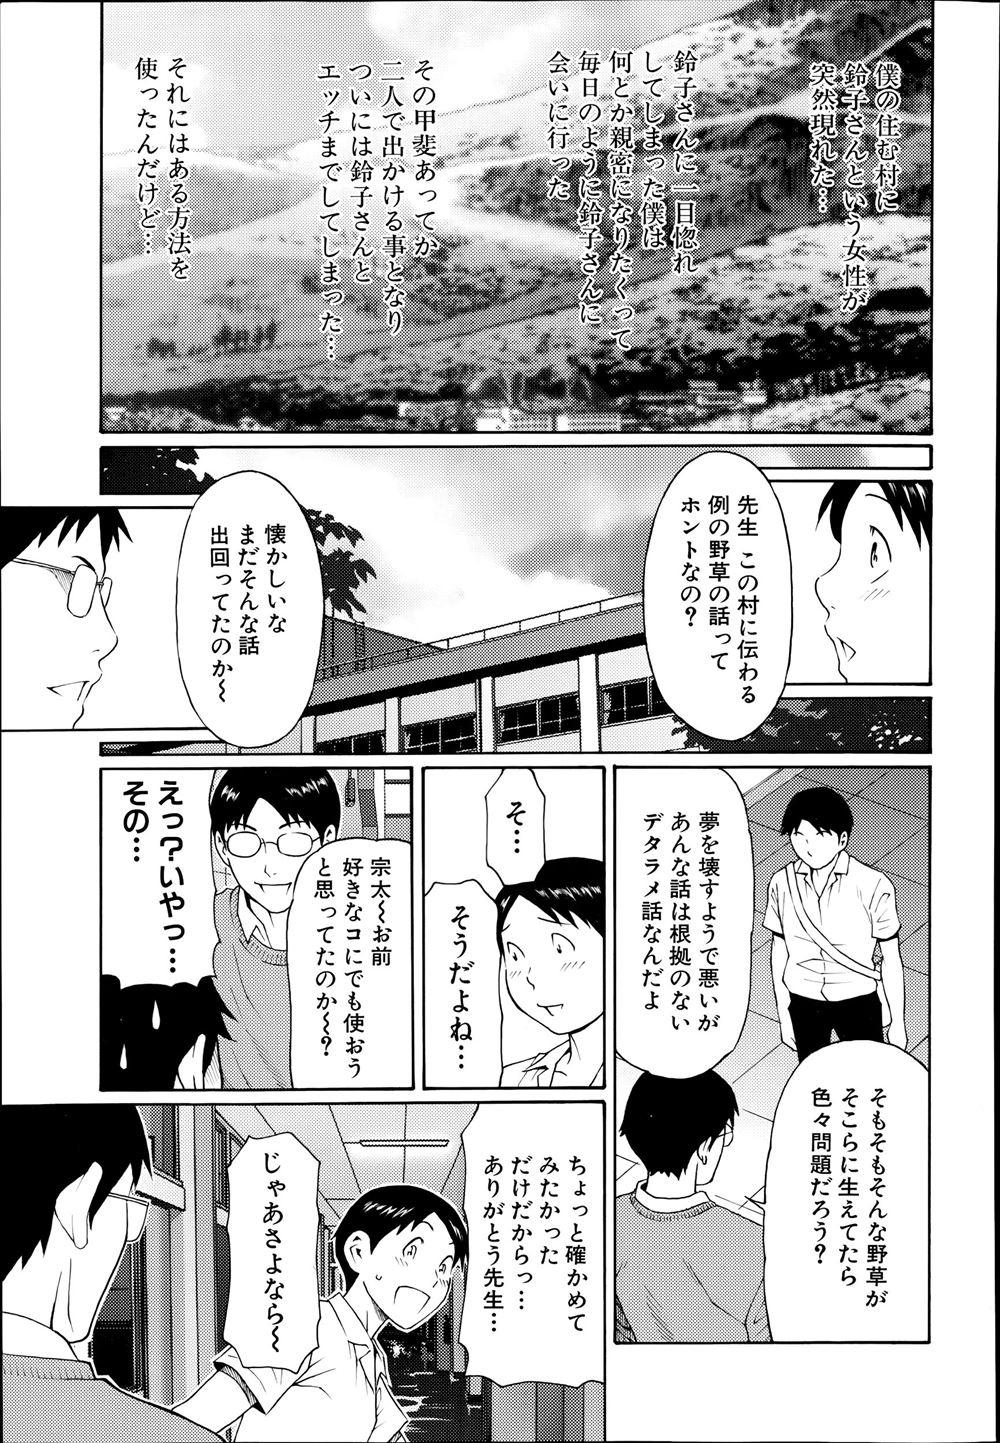 【エロ漫画】巨乳の熟女は男たちに犯されそうになっていたところを少年に助けてもらい、彼と何度もハメまくる!!